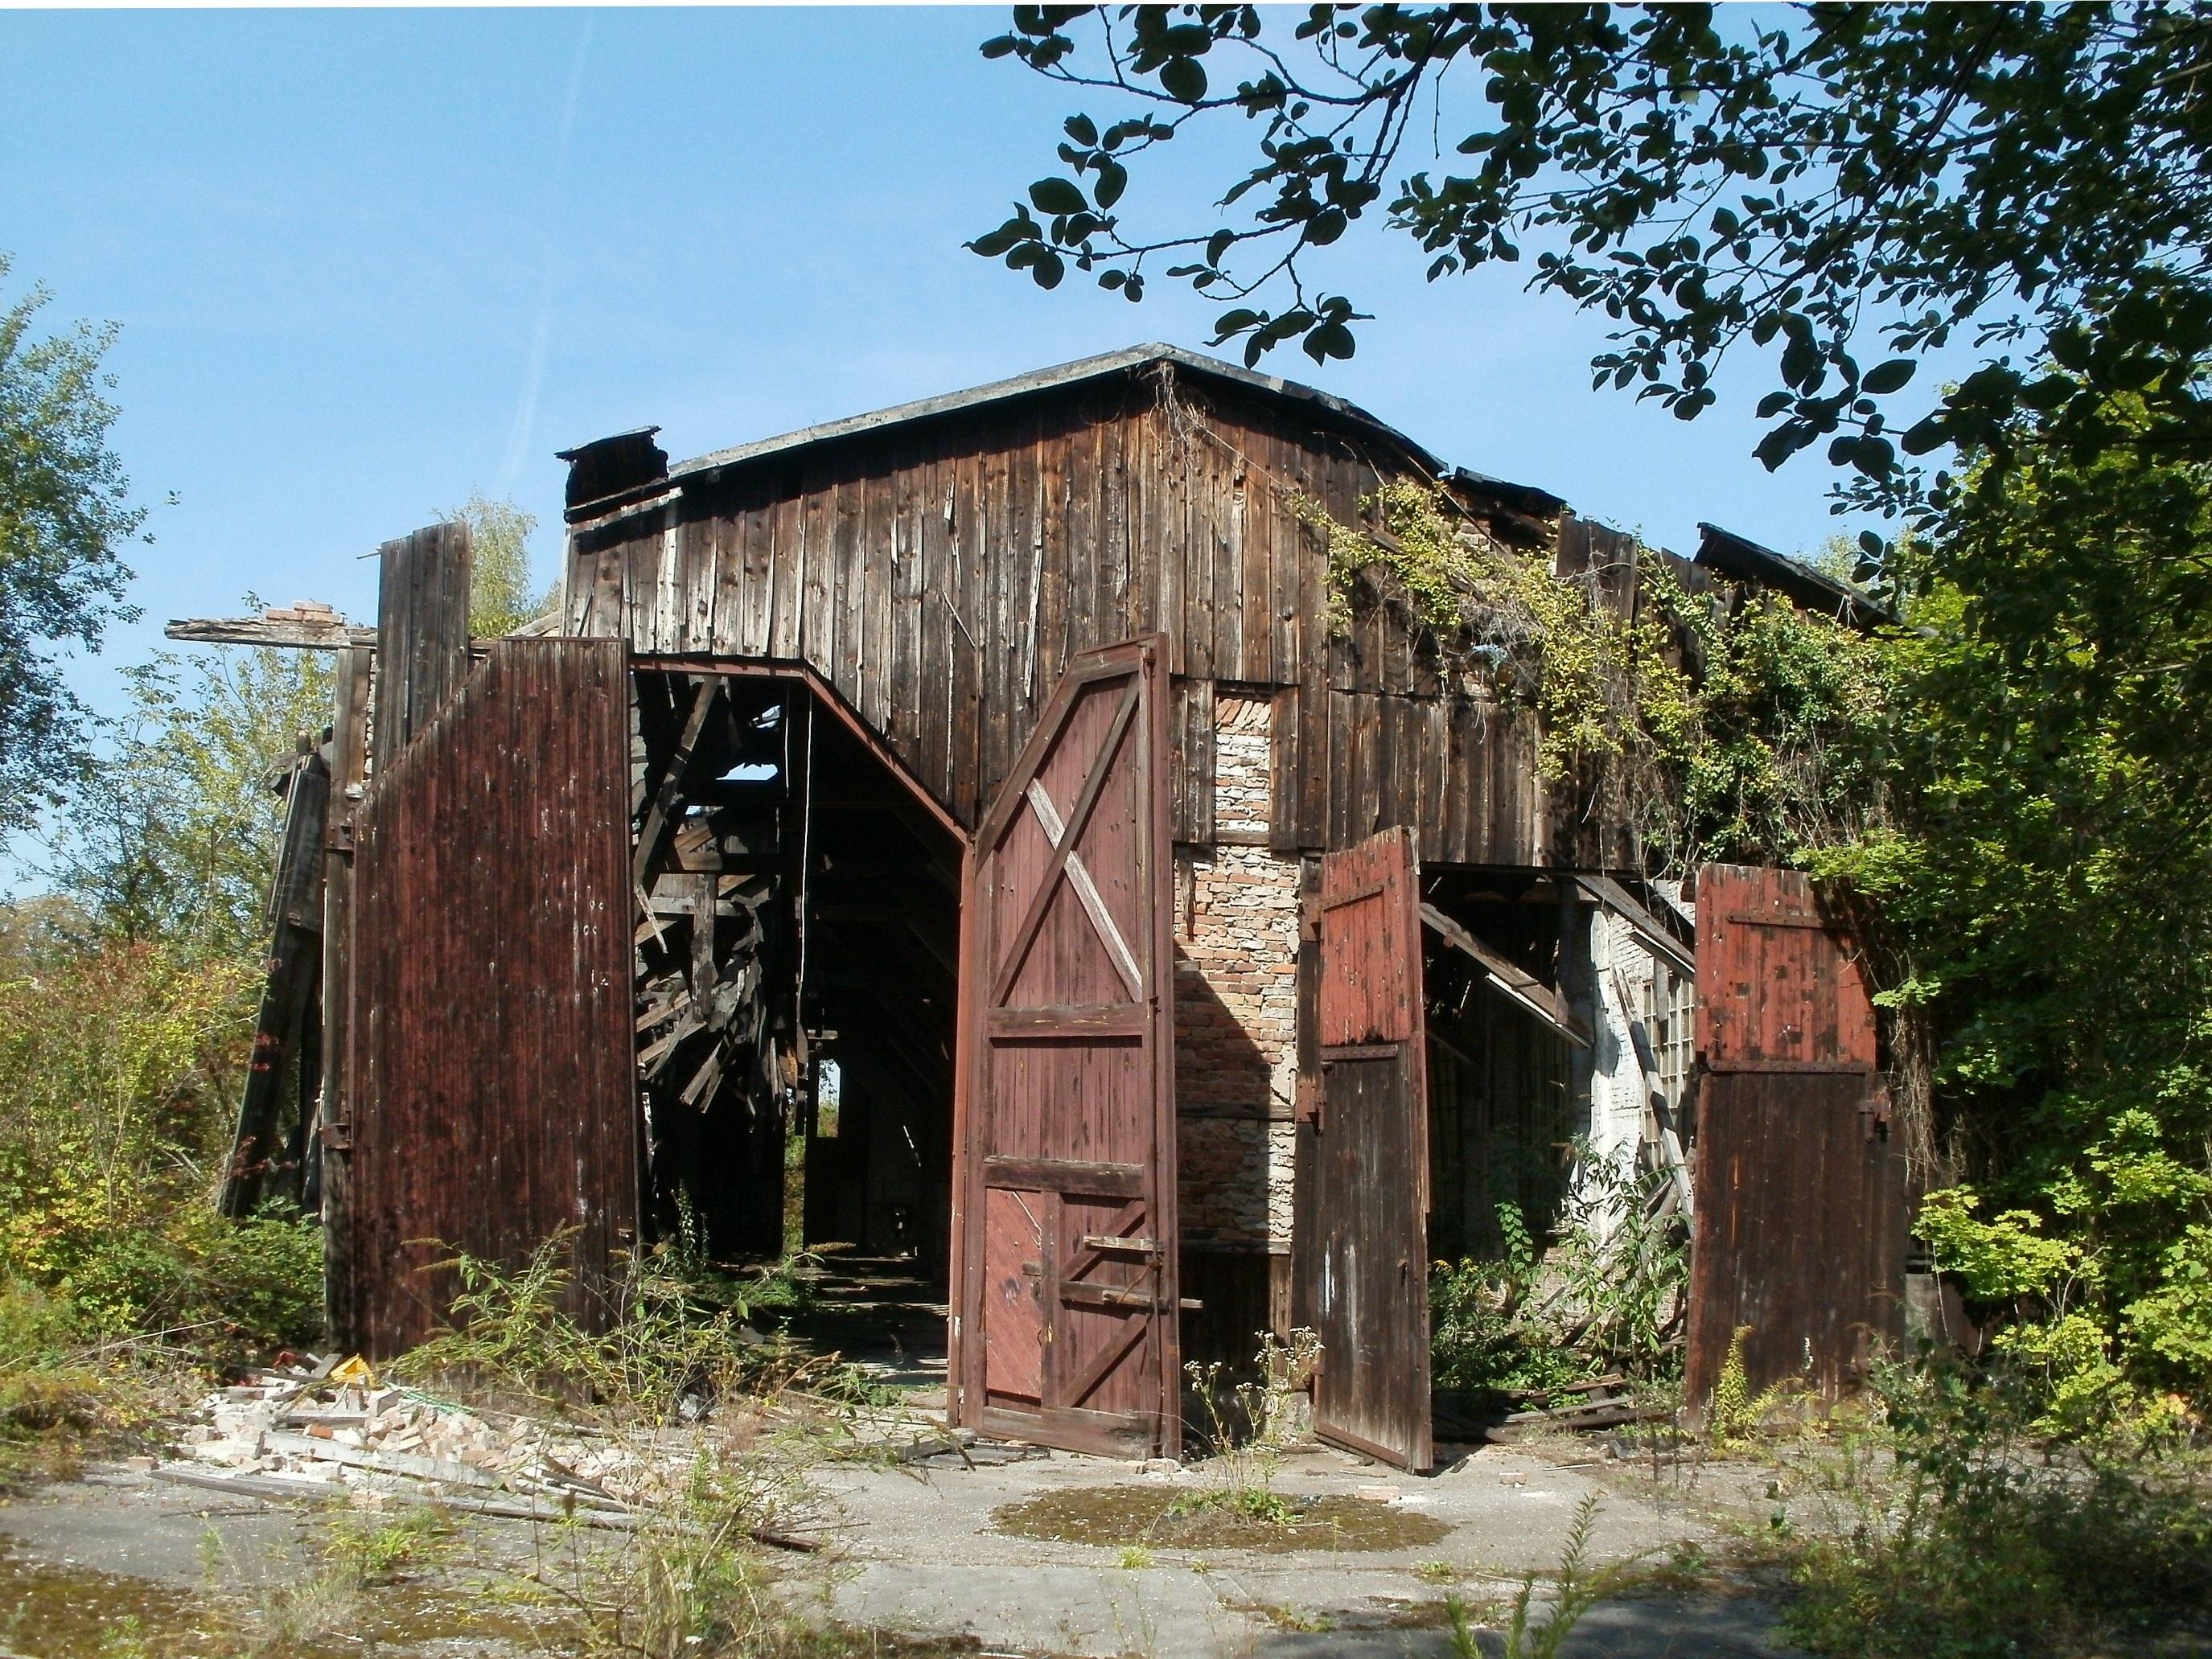 Images gratuites bois chemin de fer maison b timent vieux rail grange train cabanon for Construction de maison rurale